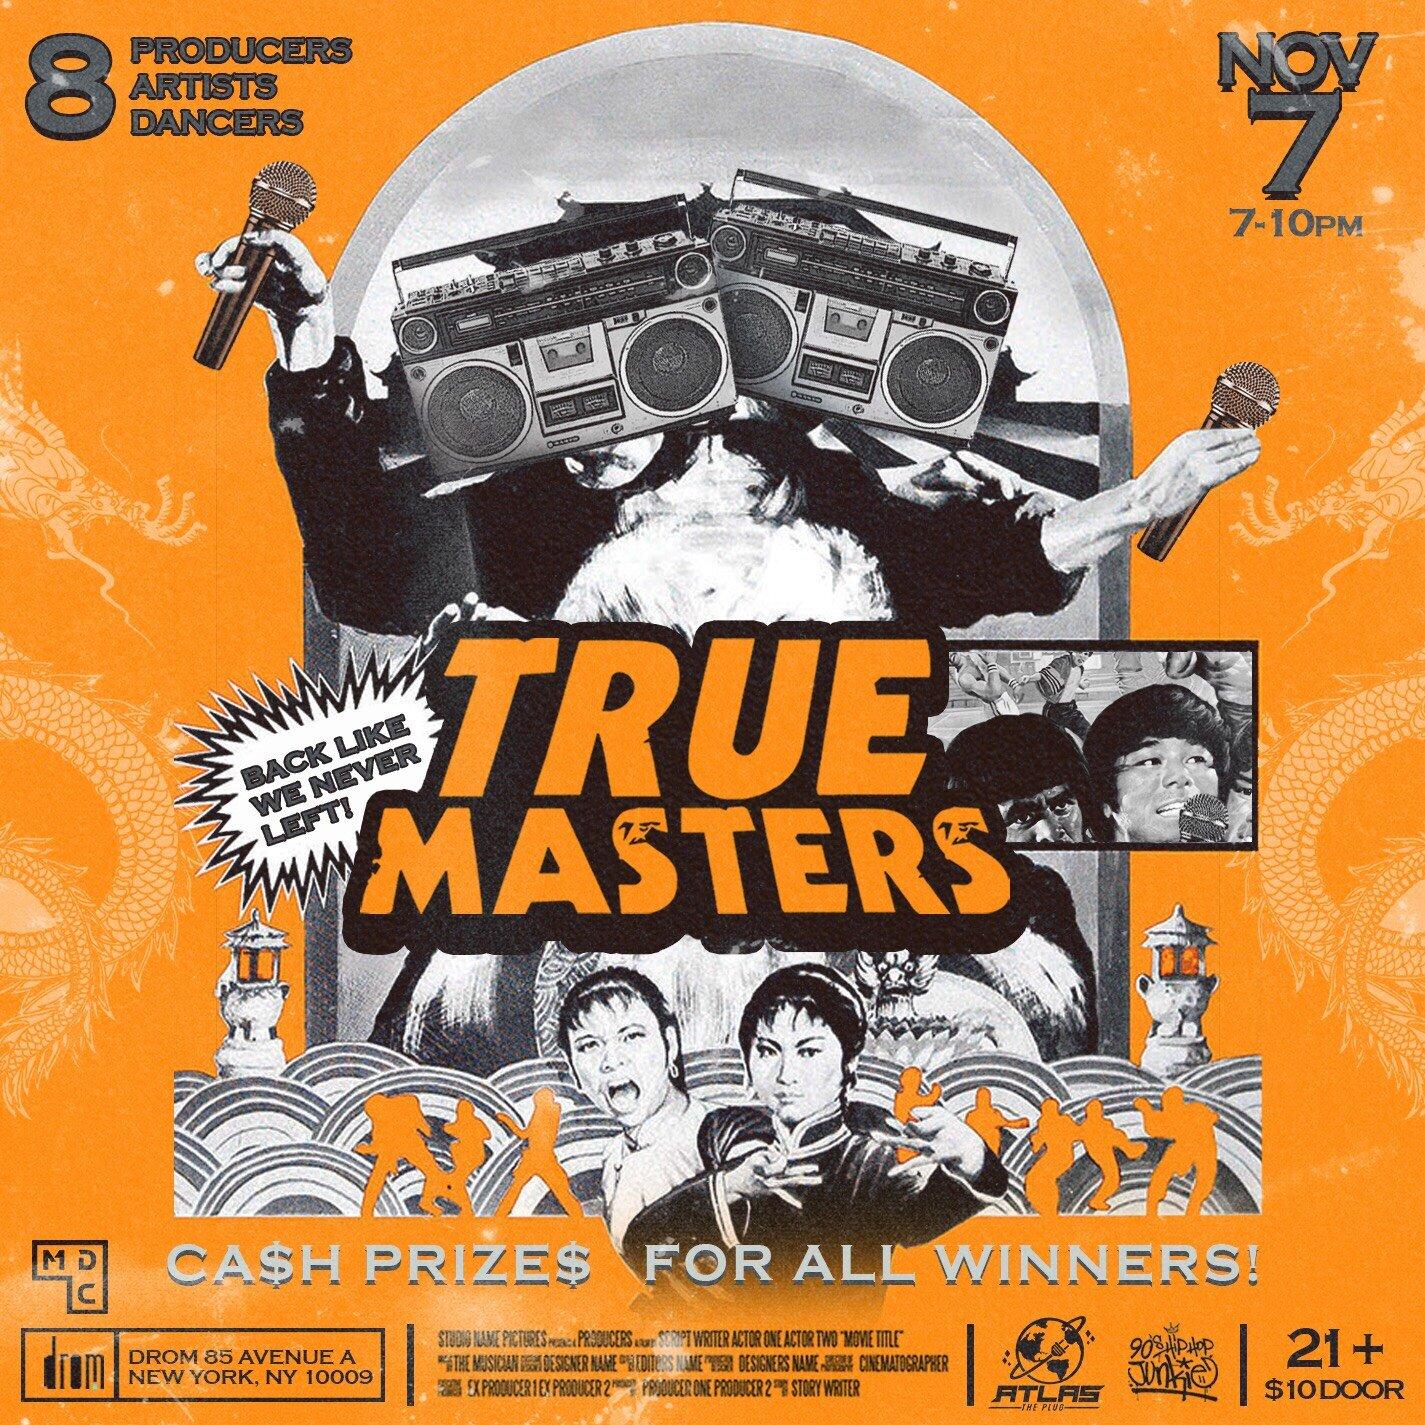 True Masters Flyer.jpg